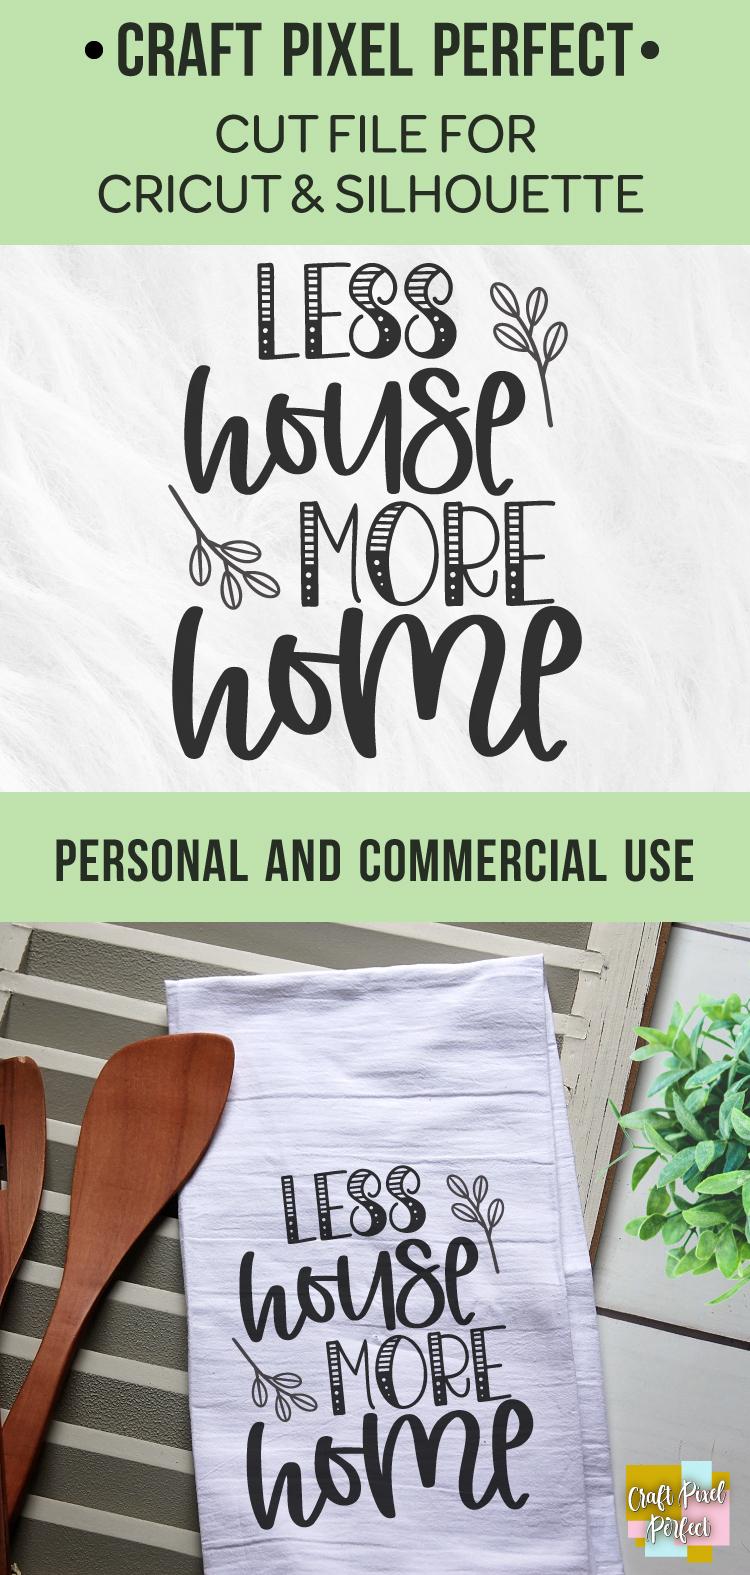 Kitchen Towel Svg, Pot Holder Svg, Home Svg, Pillow Svg example image 2